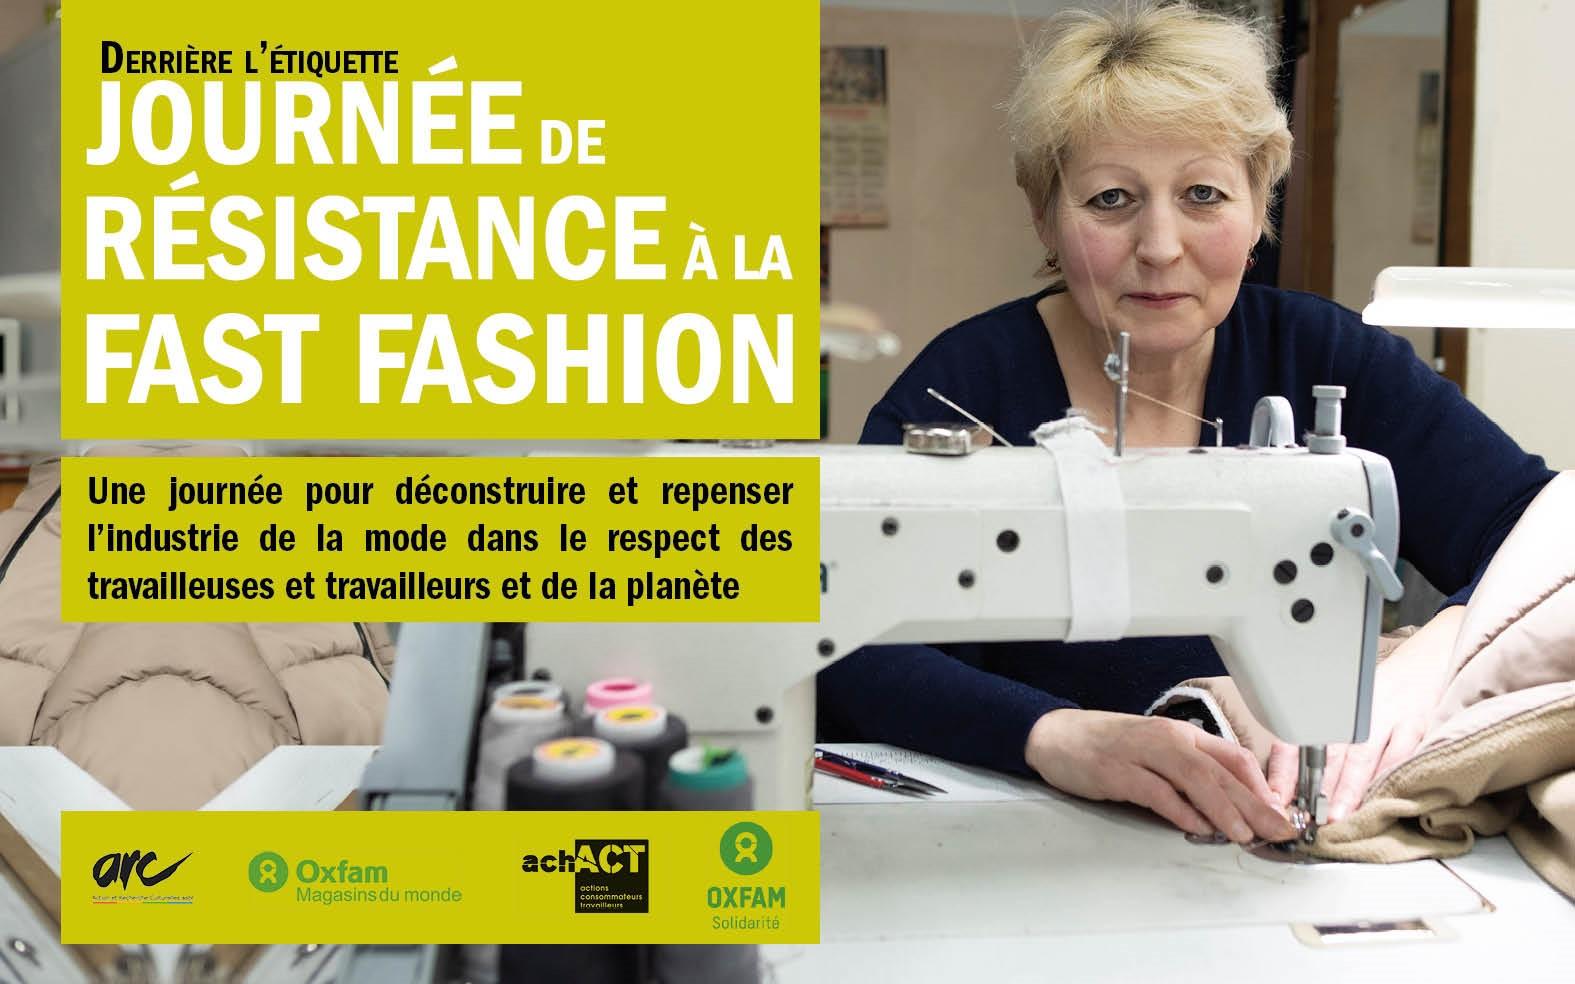 Derrière l'étiquette : Journée de résistance à la Fast Fashion